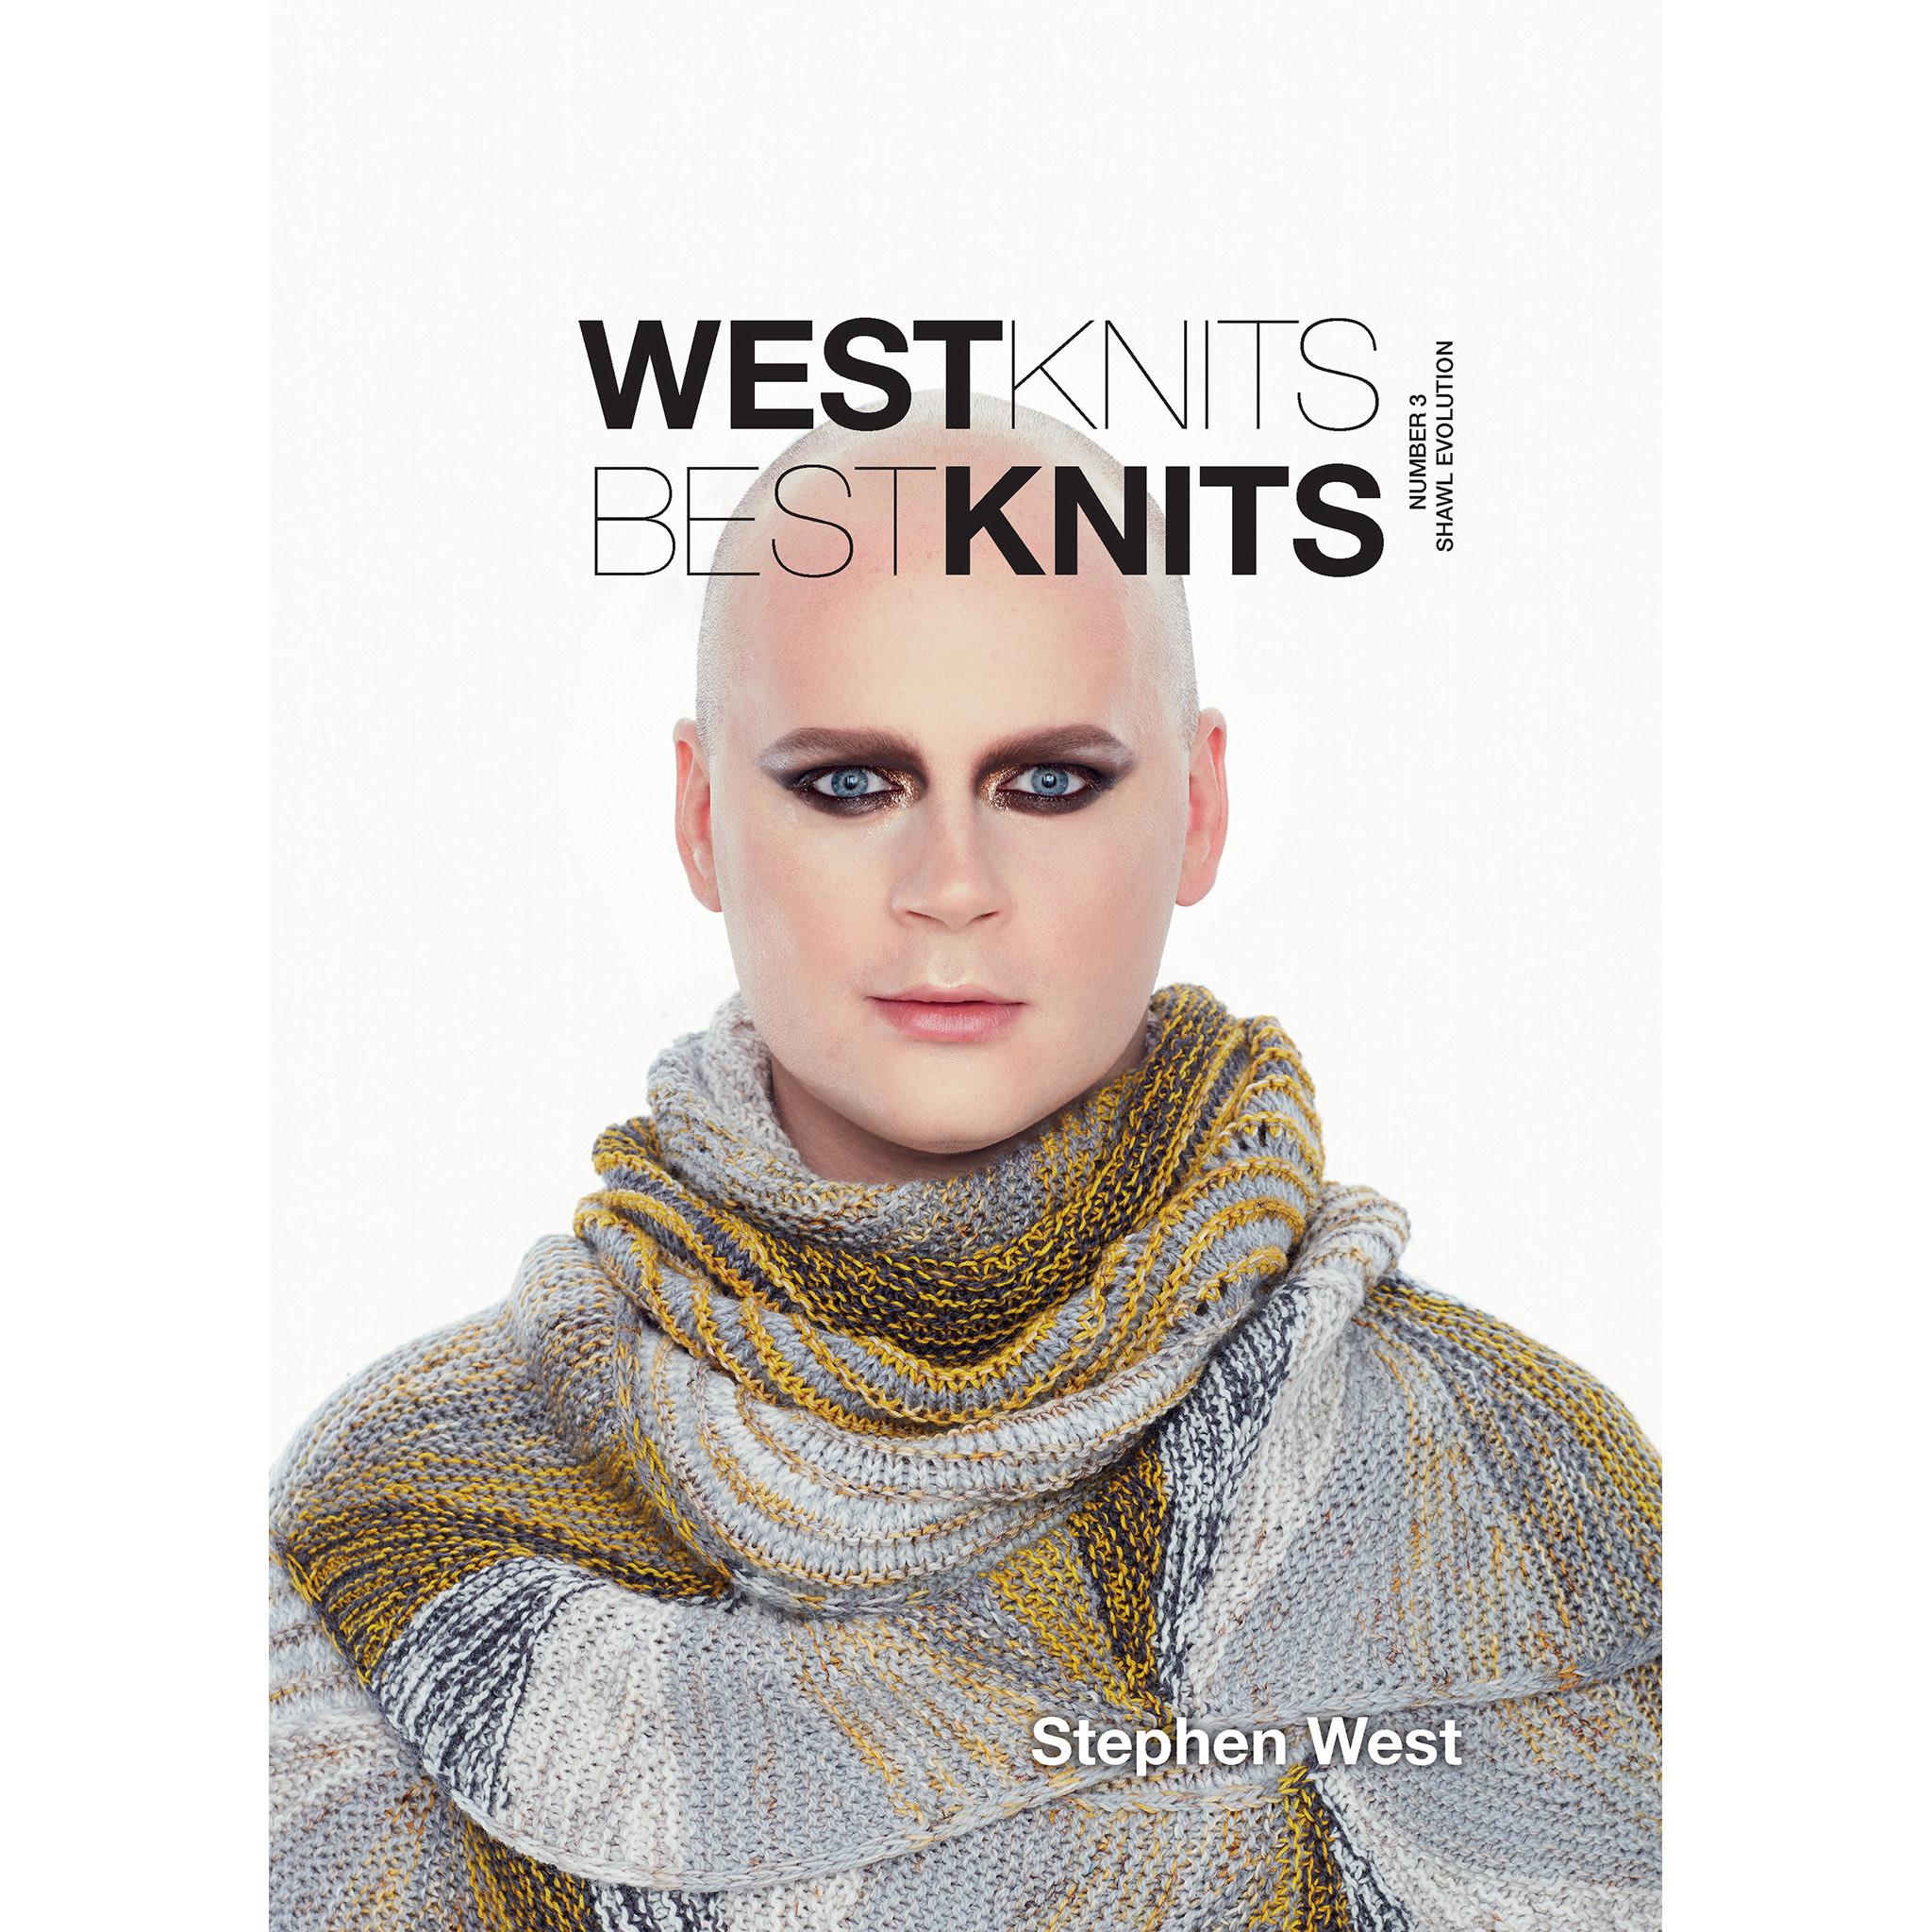 Westknits WESTKNITS BESTKNITS 3: SHAWL EVOLUTION